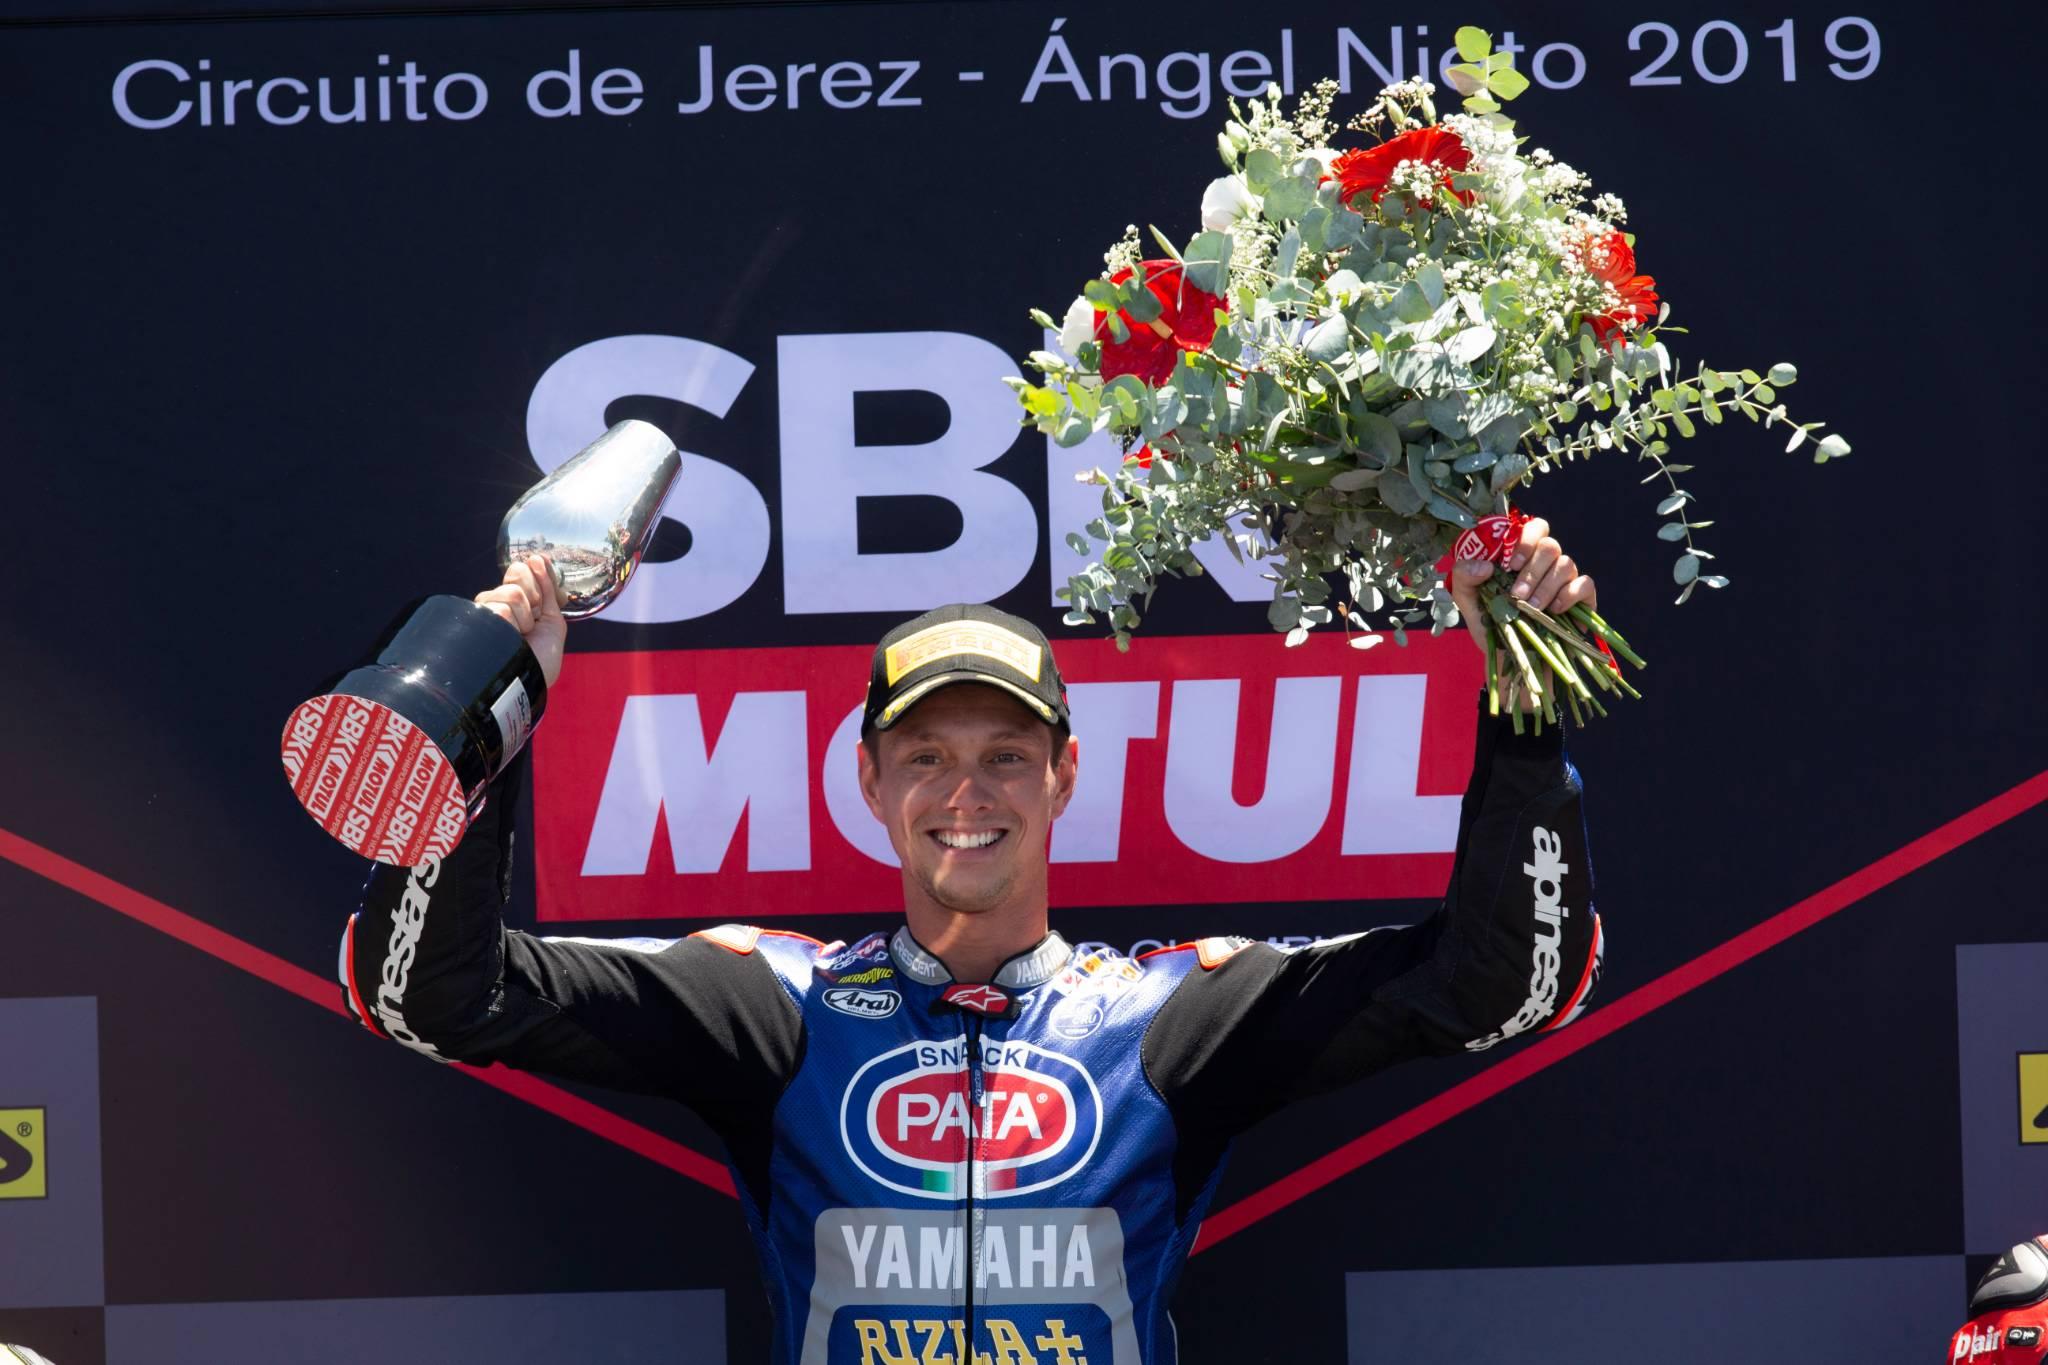 VD Mark, WorldSBK race2, Jerez 2019